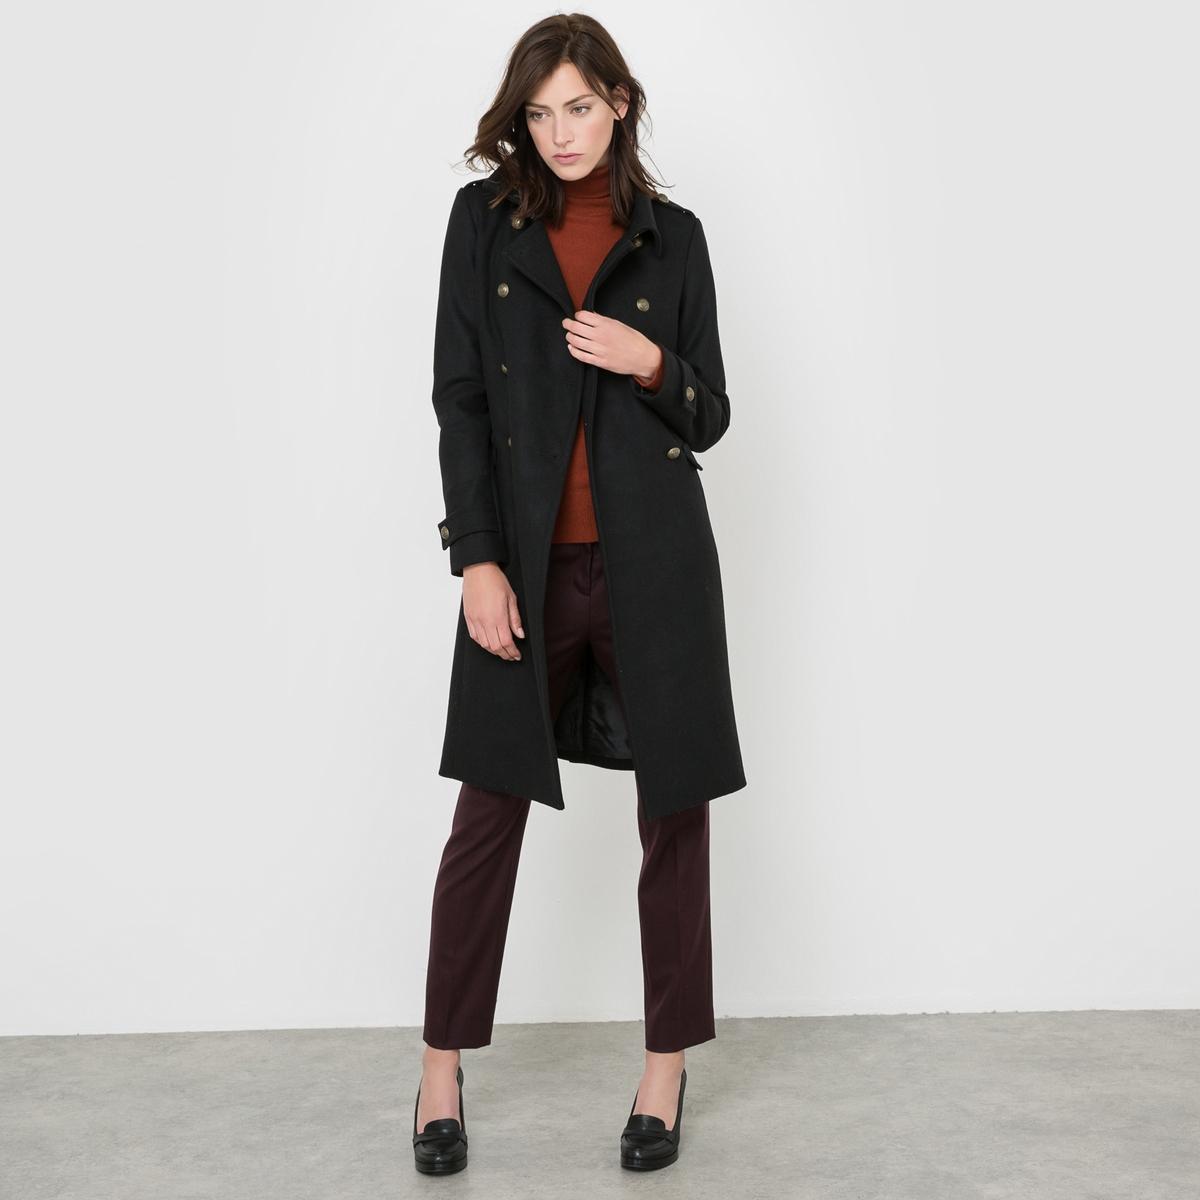 Пальто в стиле милитари, 55% шерсти мужское пальто в стиле милитари